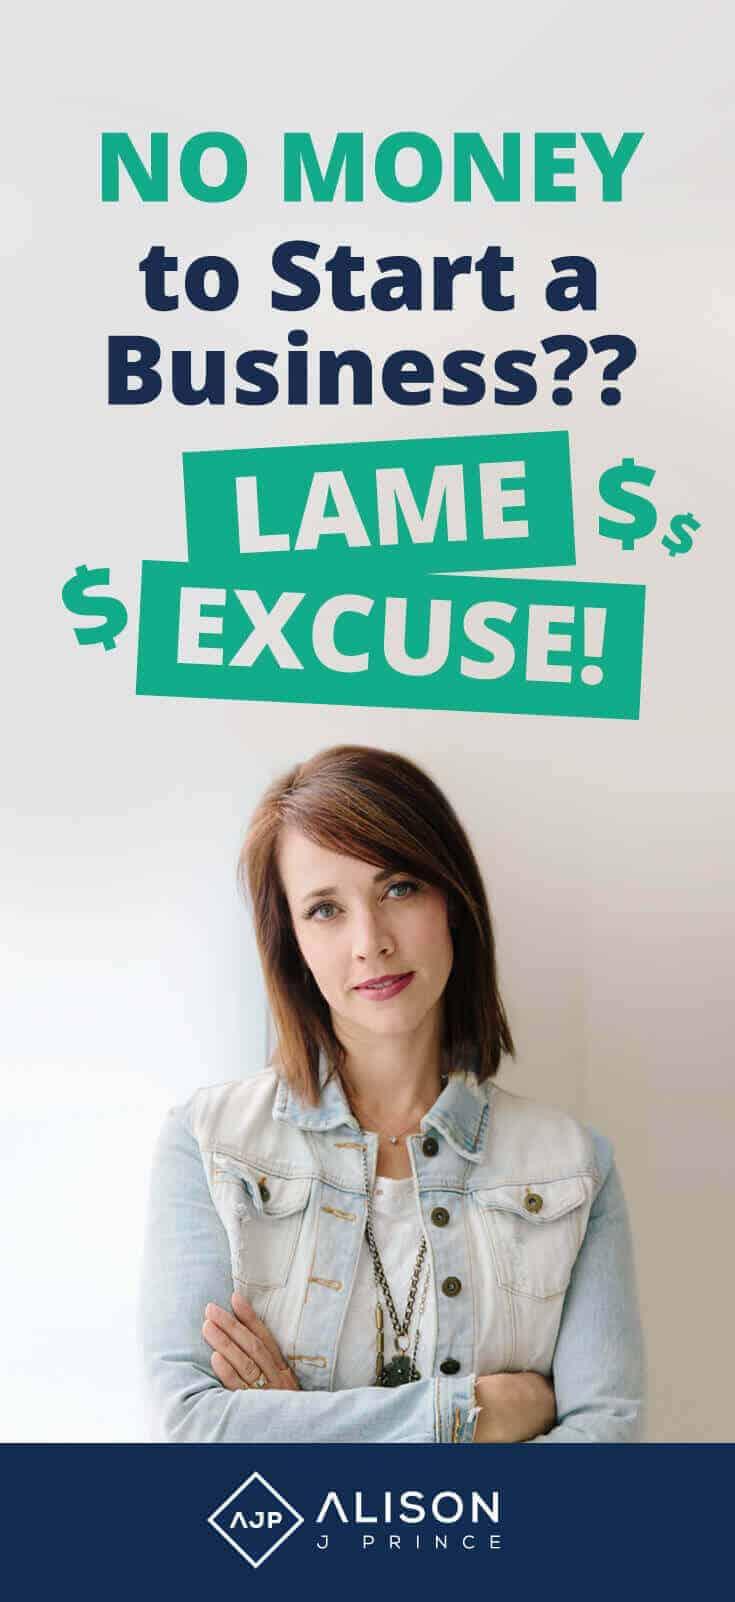 Alison Prince - No Money, No Excuse - ecommerce